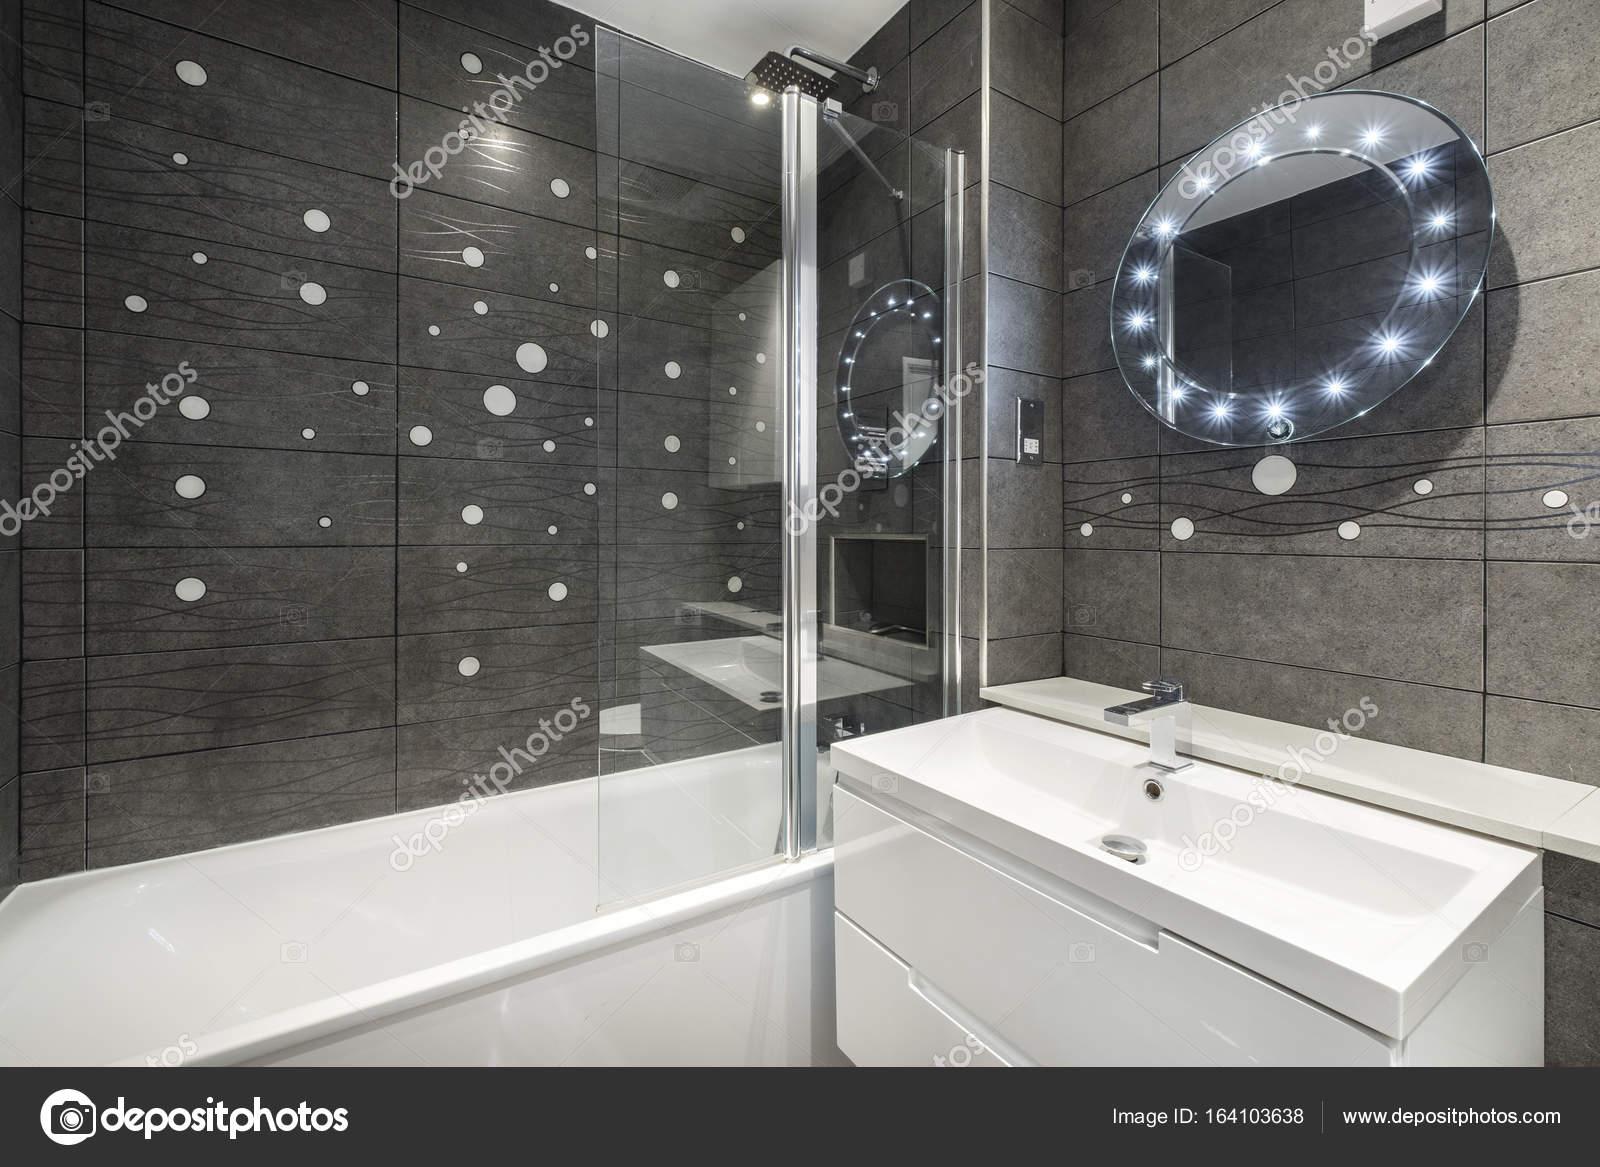 luxe moderne badkamer — Stockfoto © jrphoto #164103638